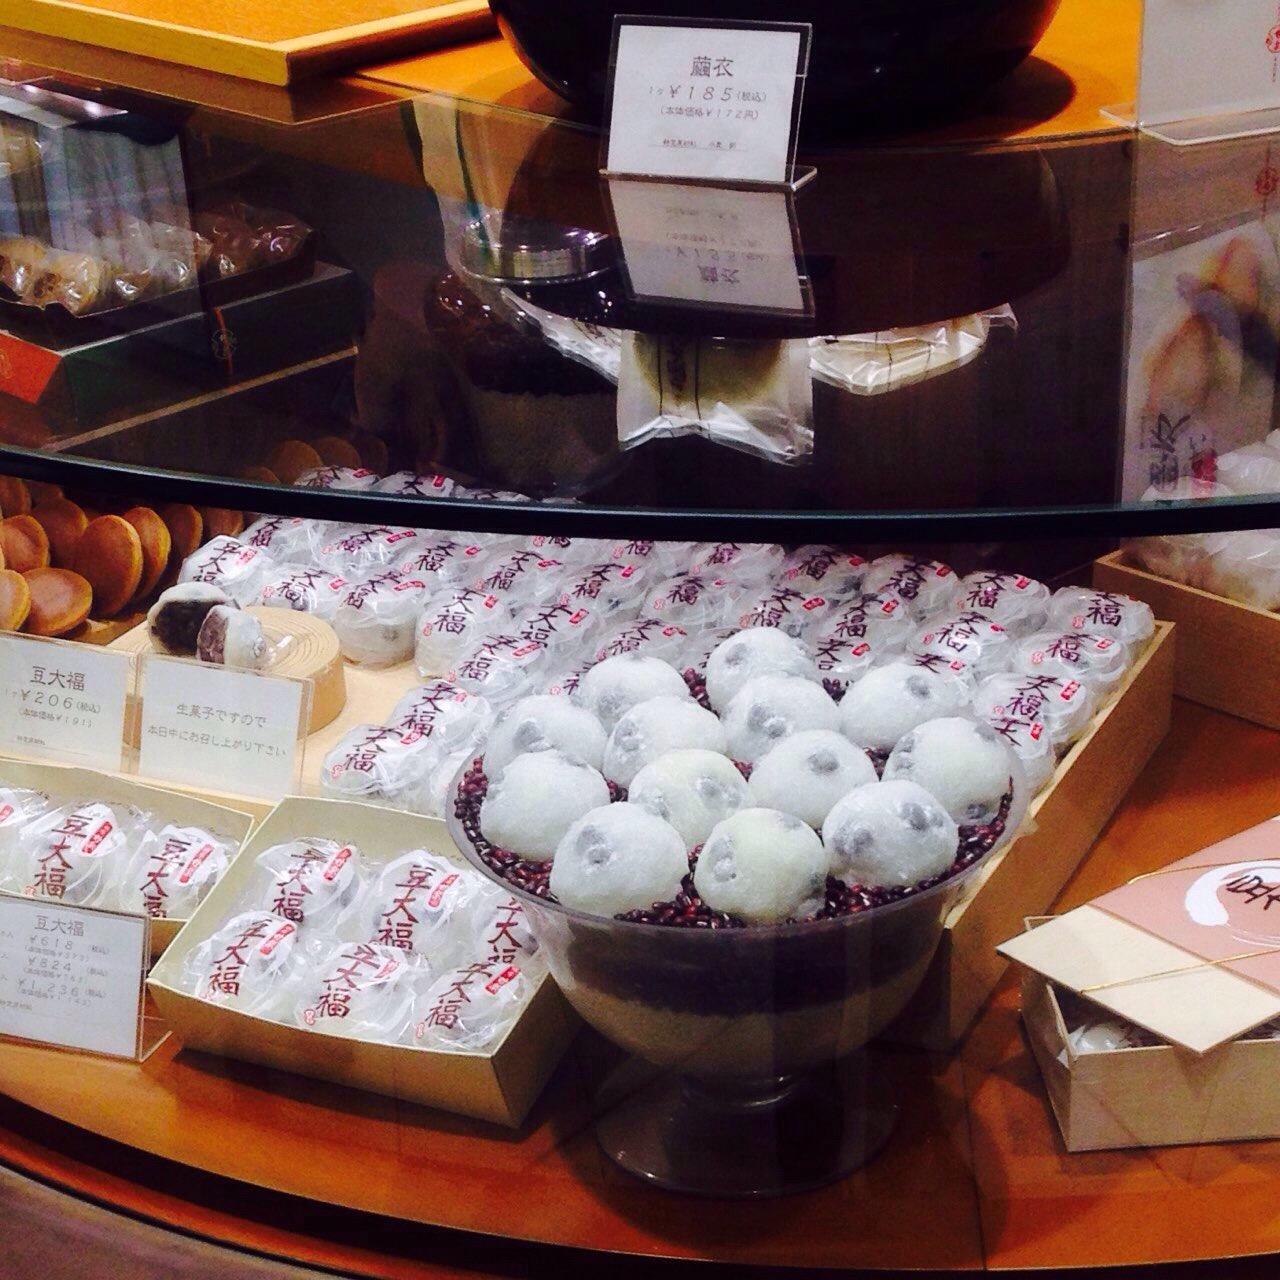 東京駅の極上・お土産選び「銀座豆楽」の豆大福が万人に喜ばれる美味しさ